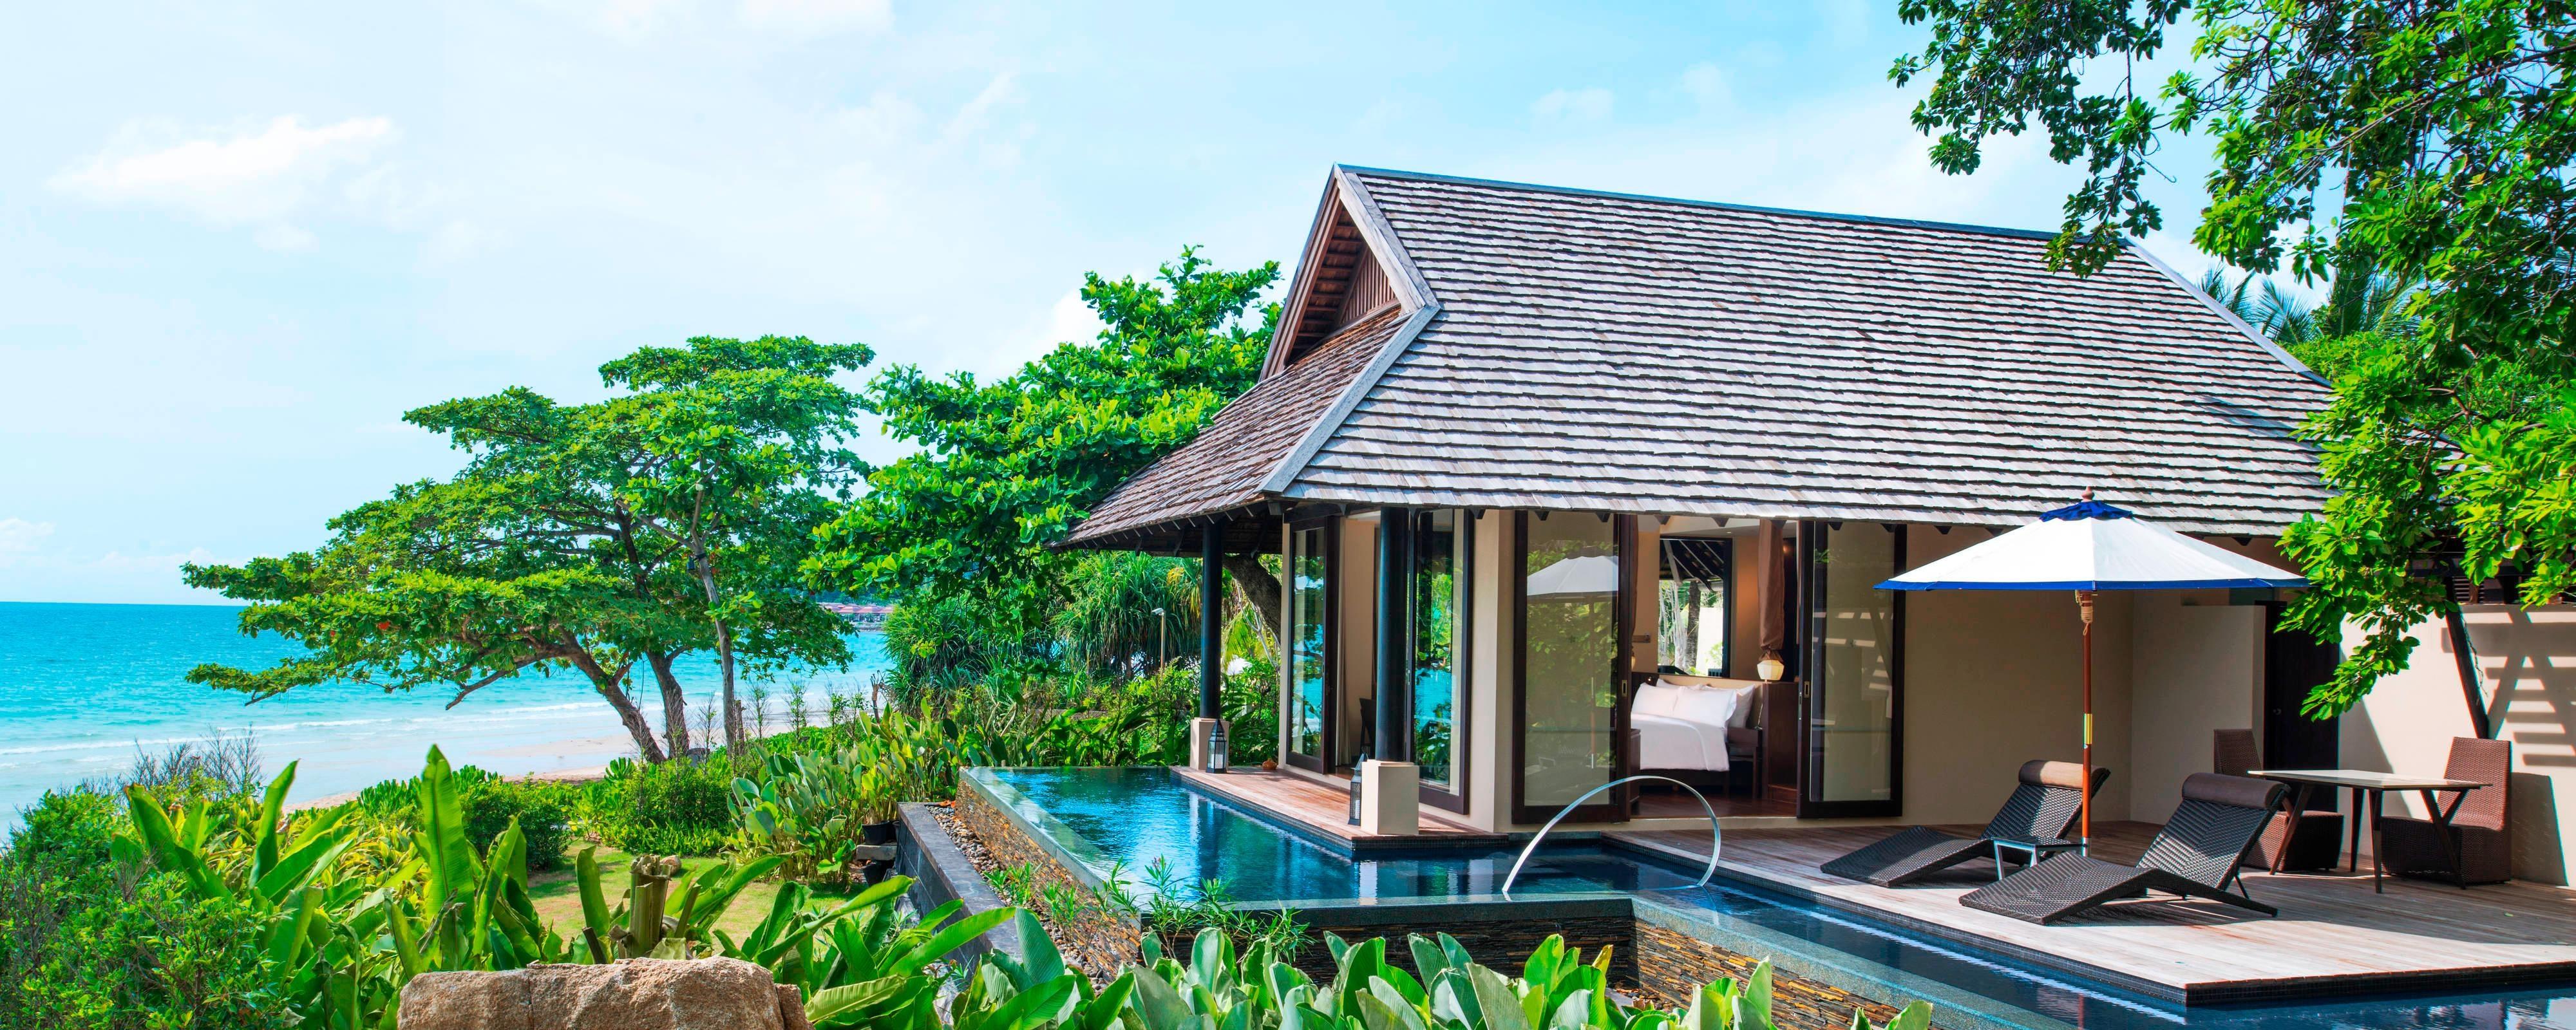 Tropical Pool Villa - Exterior